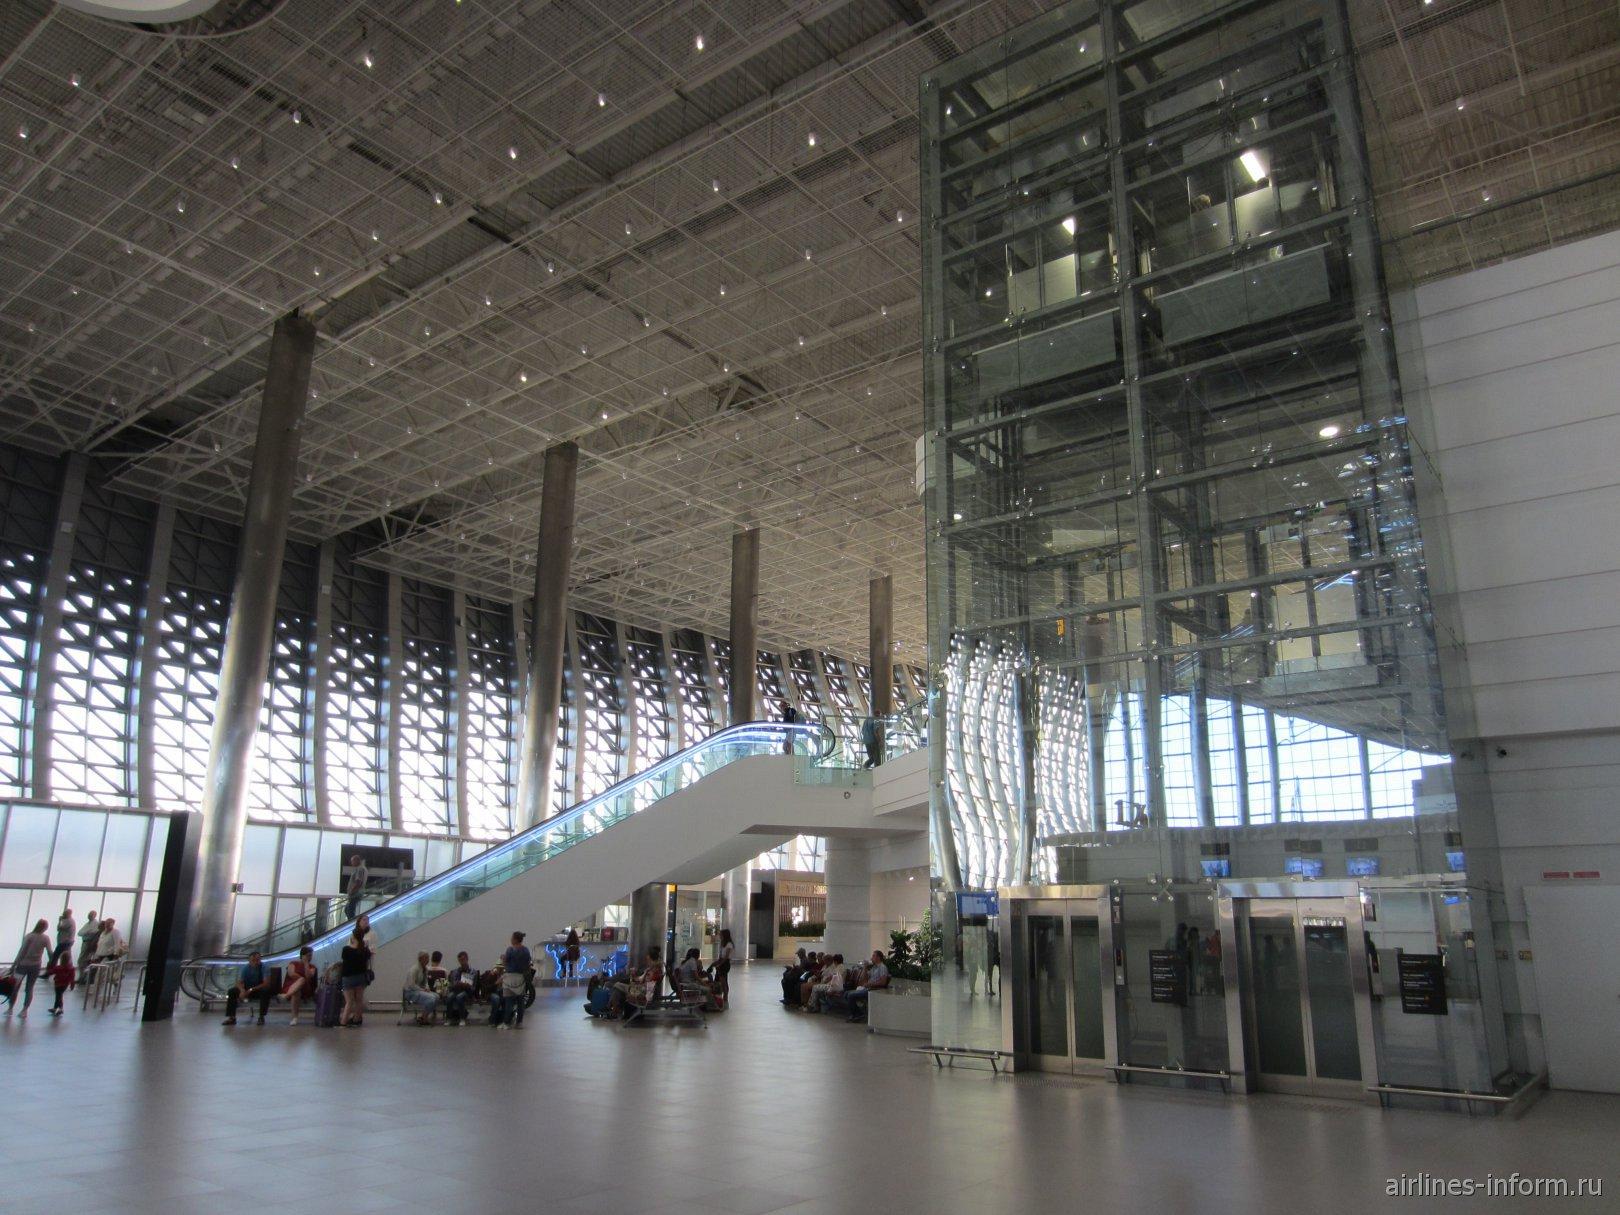 Лифты и эскалатор в новом пассажирском терминале аэропорта Симферополь